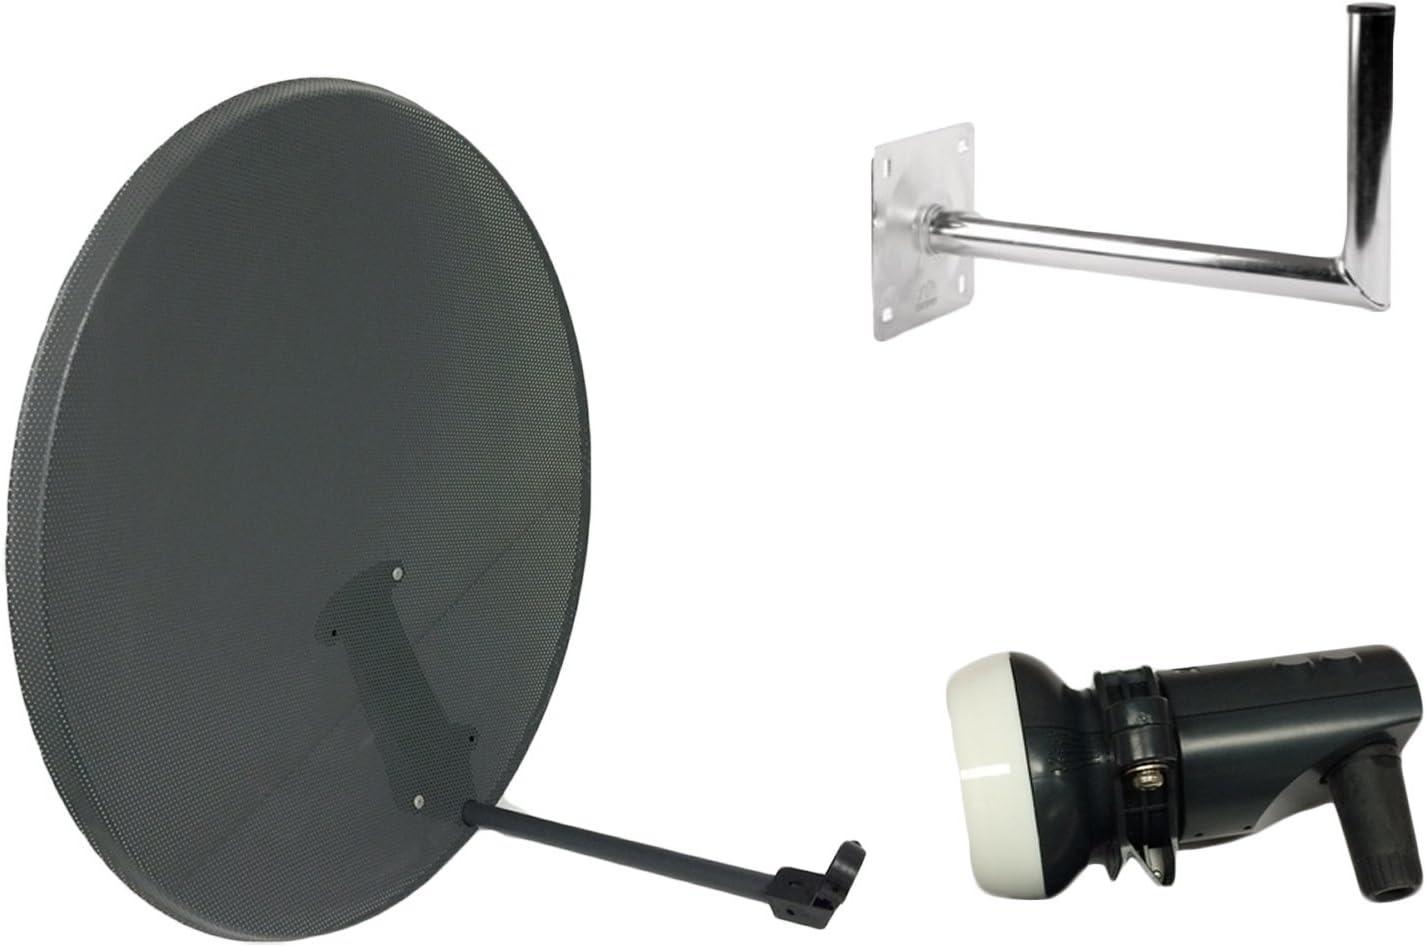 TV Tech Antena parabólica de malla de 80 cm para cielo, freesat, Polsat, Hotbird, Eurosat, Astra 1 y 2